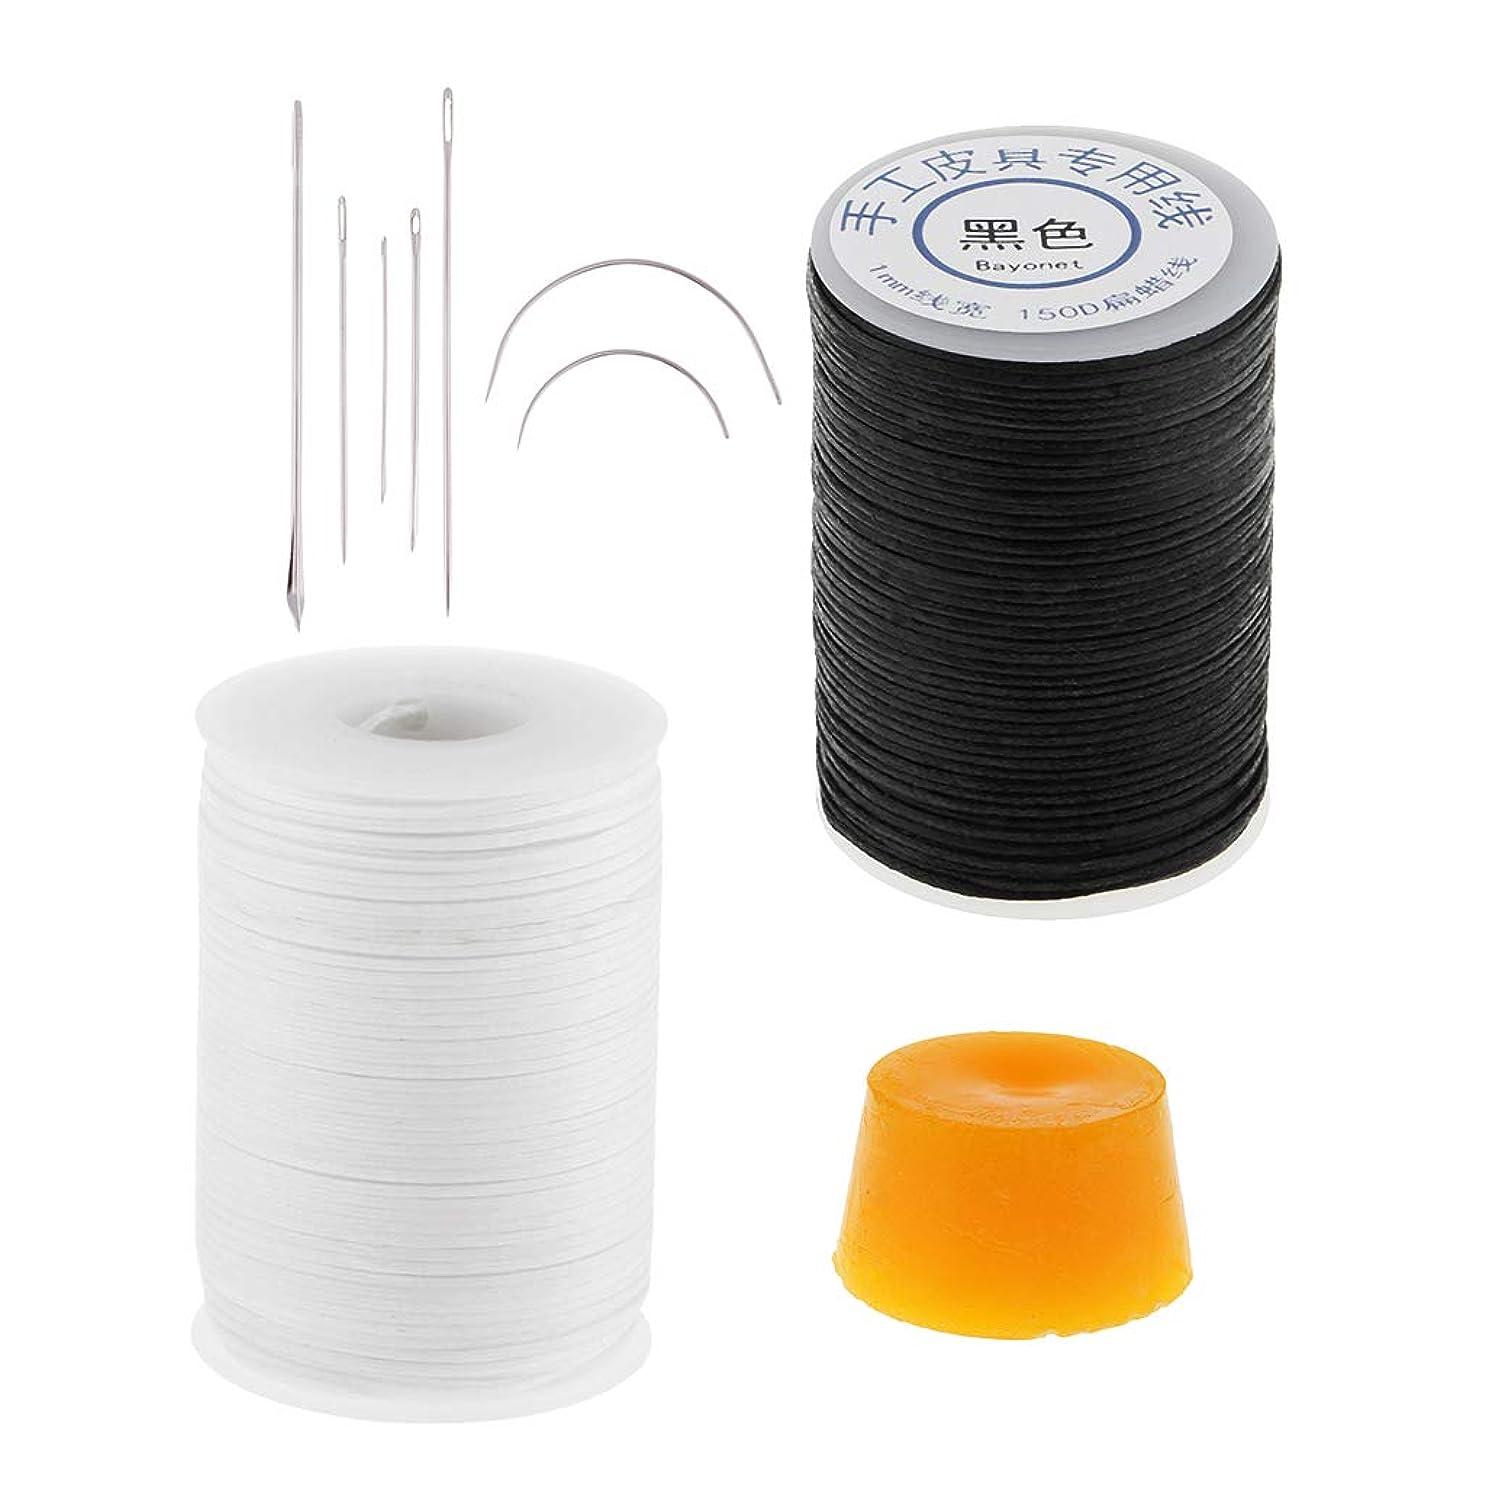 失速不良主権者D DOLITY 蝋引き糸 手縫い針 蜜蝋ブロック 革/手袋/ブーツケア DIYクラフト ステッチ 縫製ツール